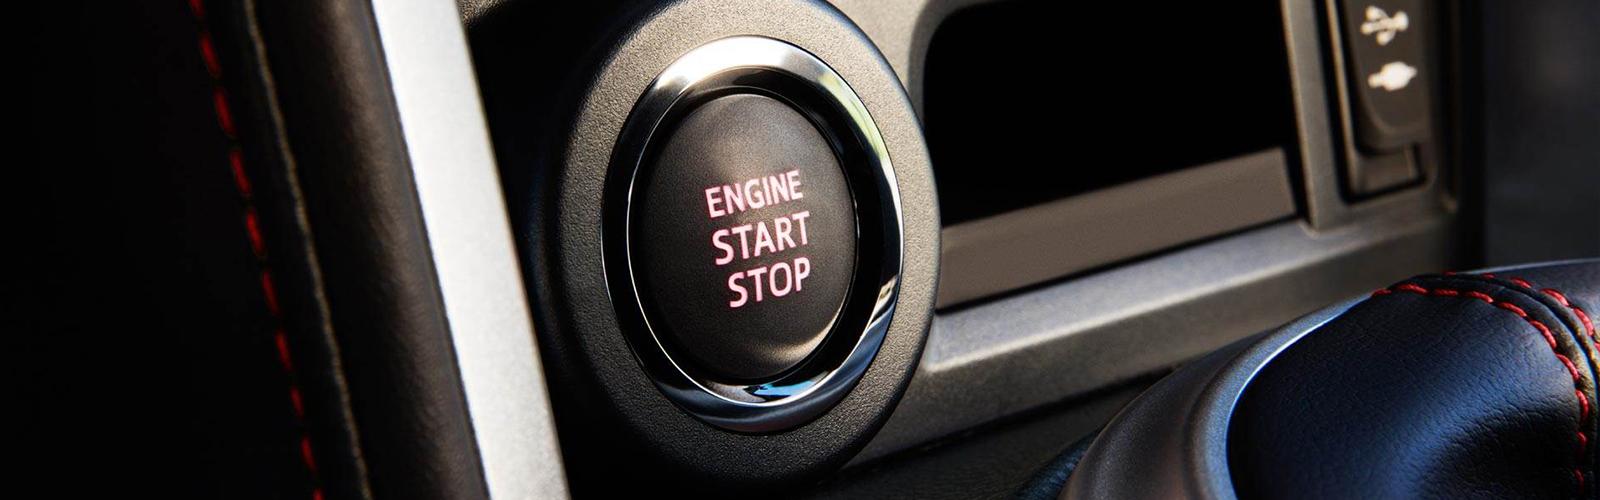 Motor de alto rendimiento